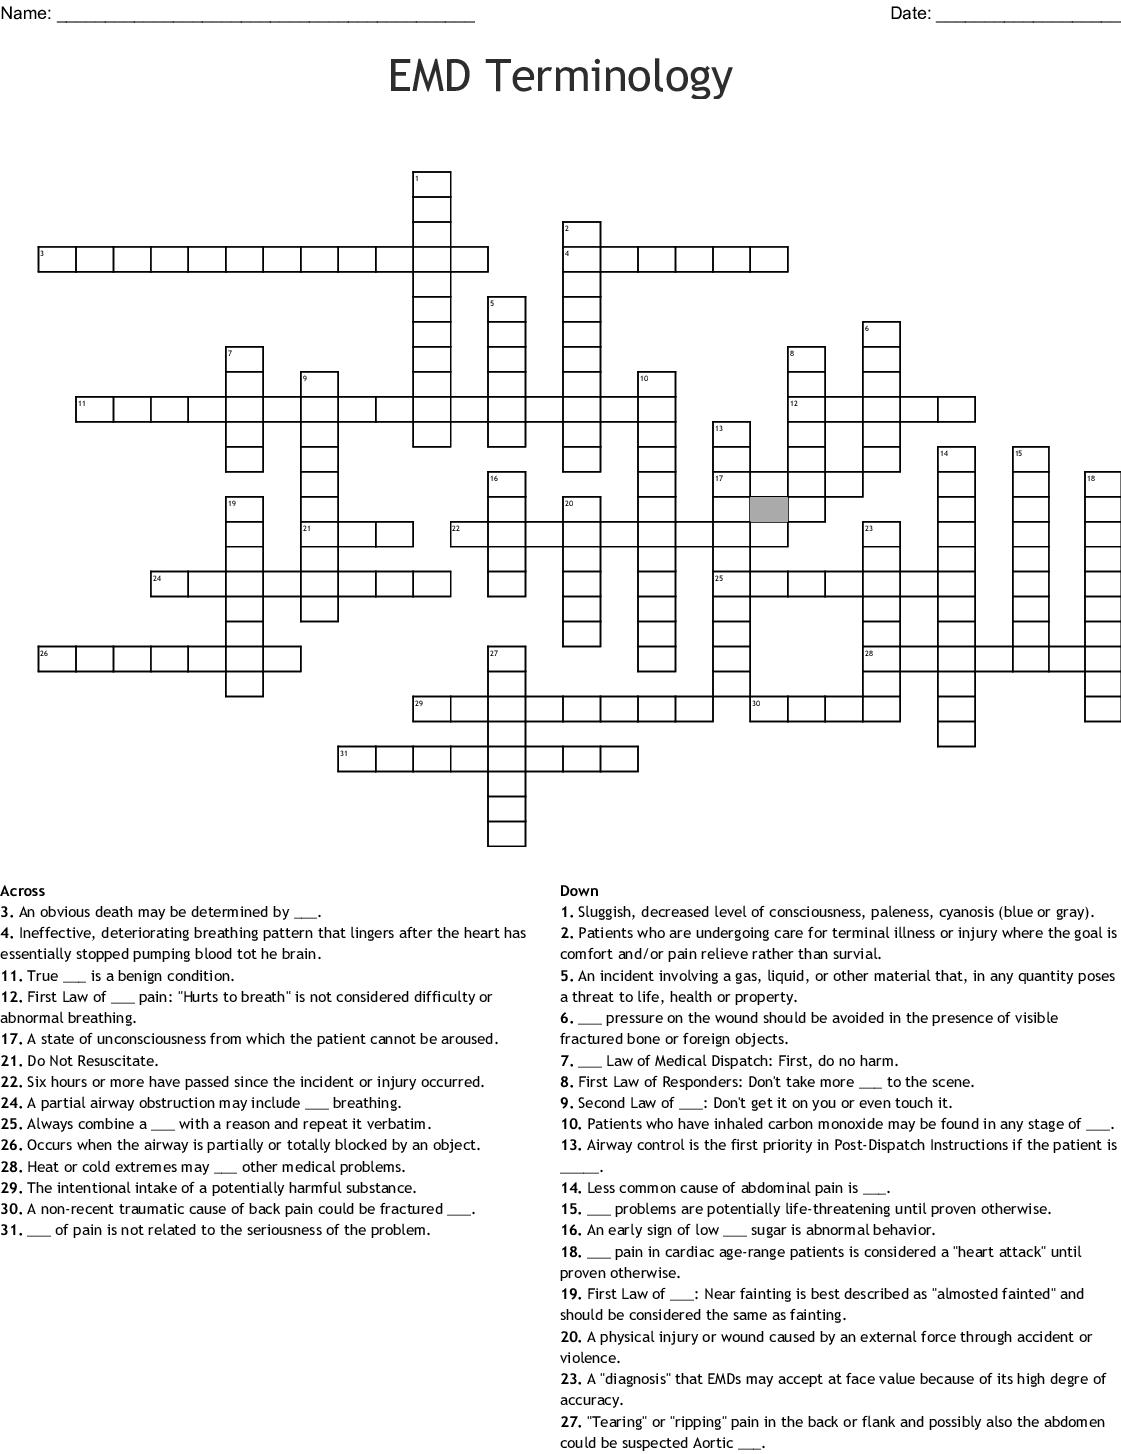 Emd Terminology Crossword